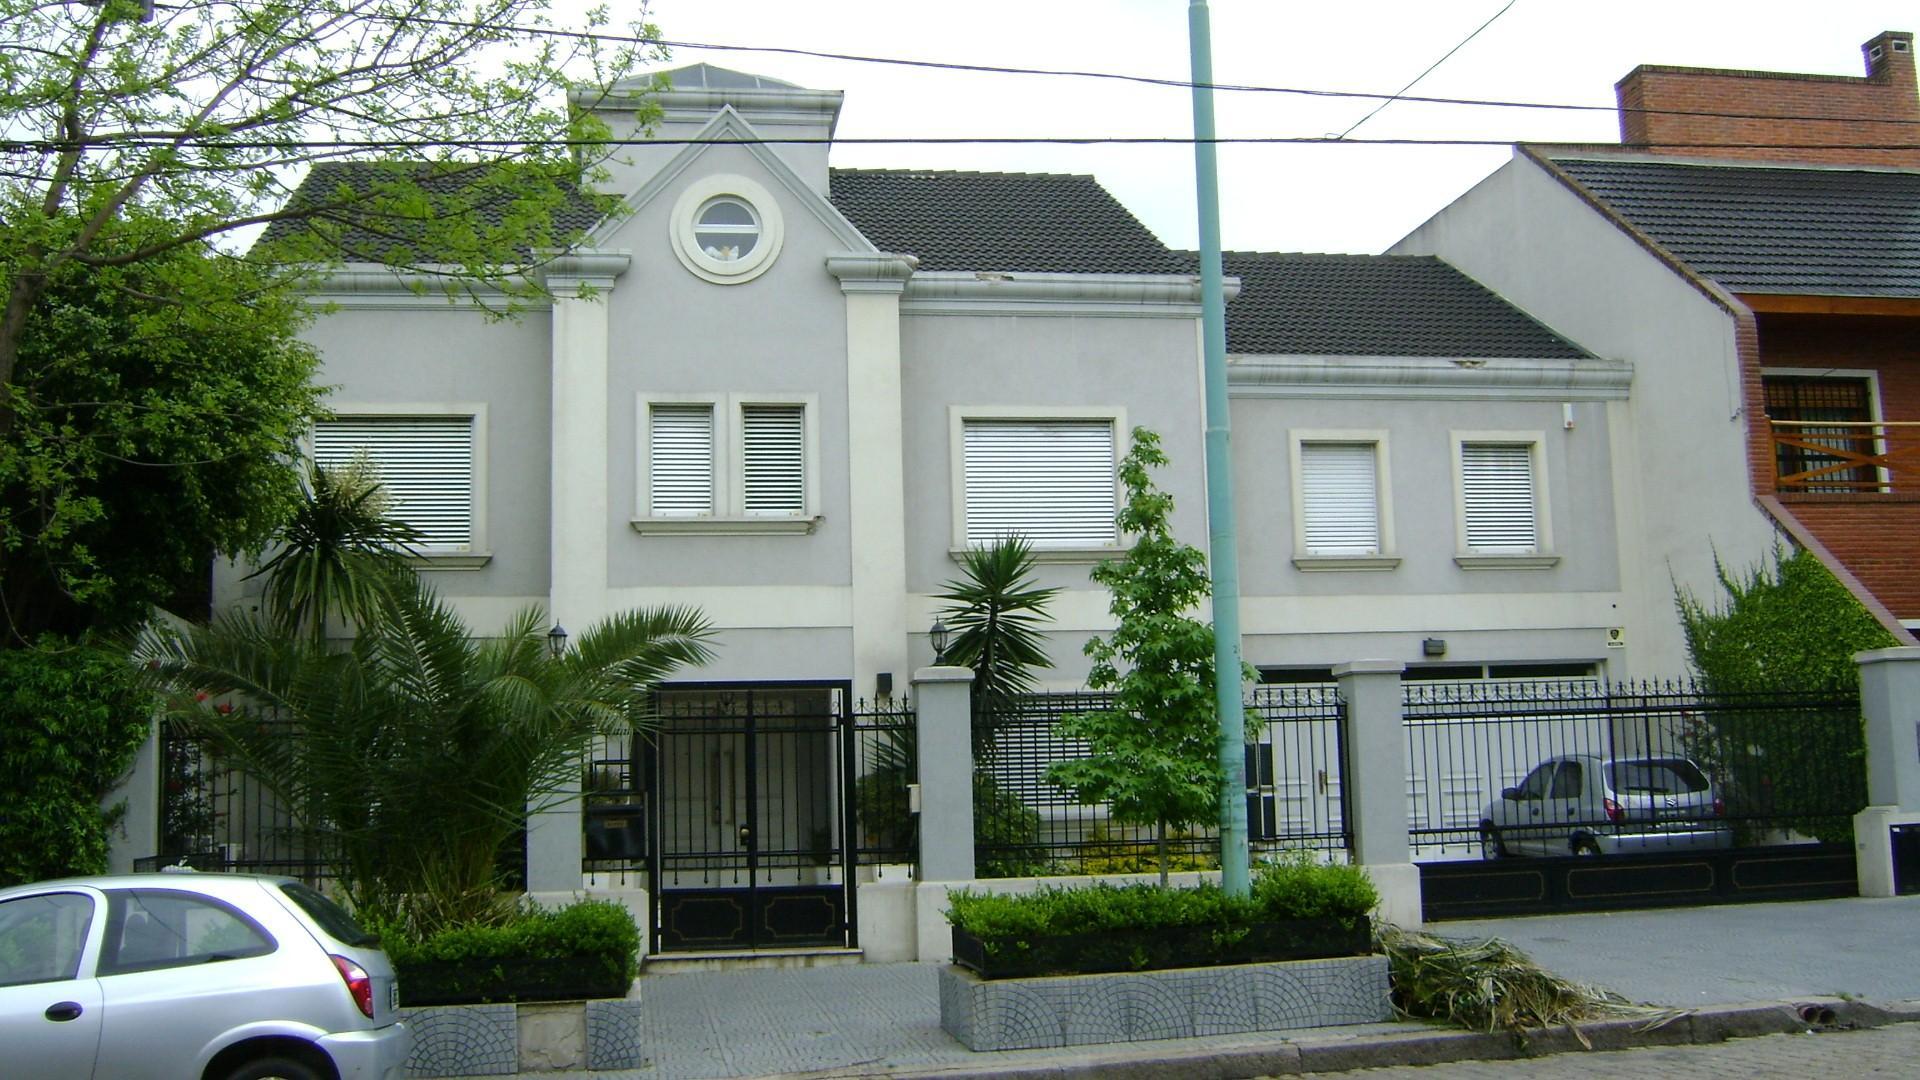 Casa en Venta 5 dormitorios-master suite-picina-parque-garage 4 autos-doble frente